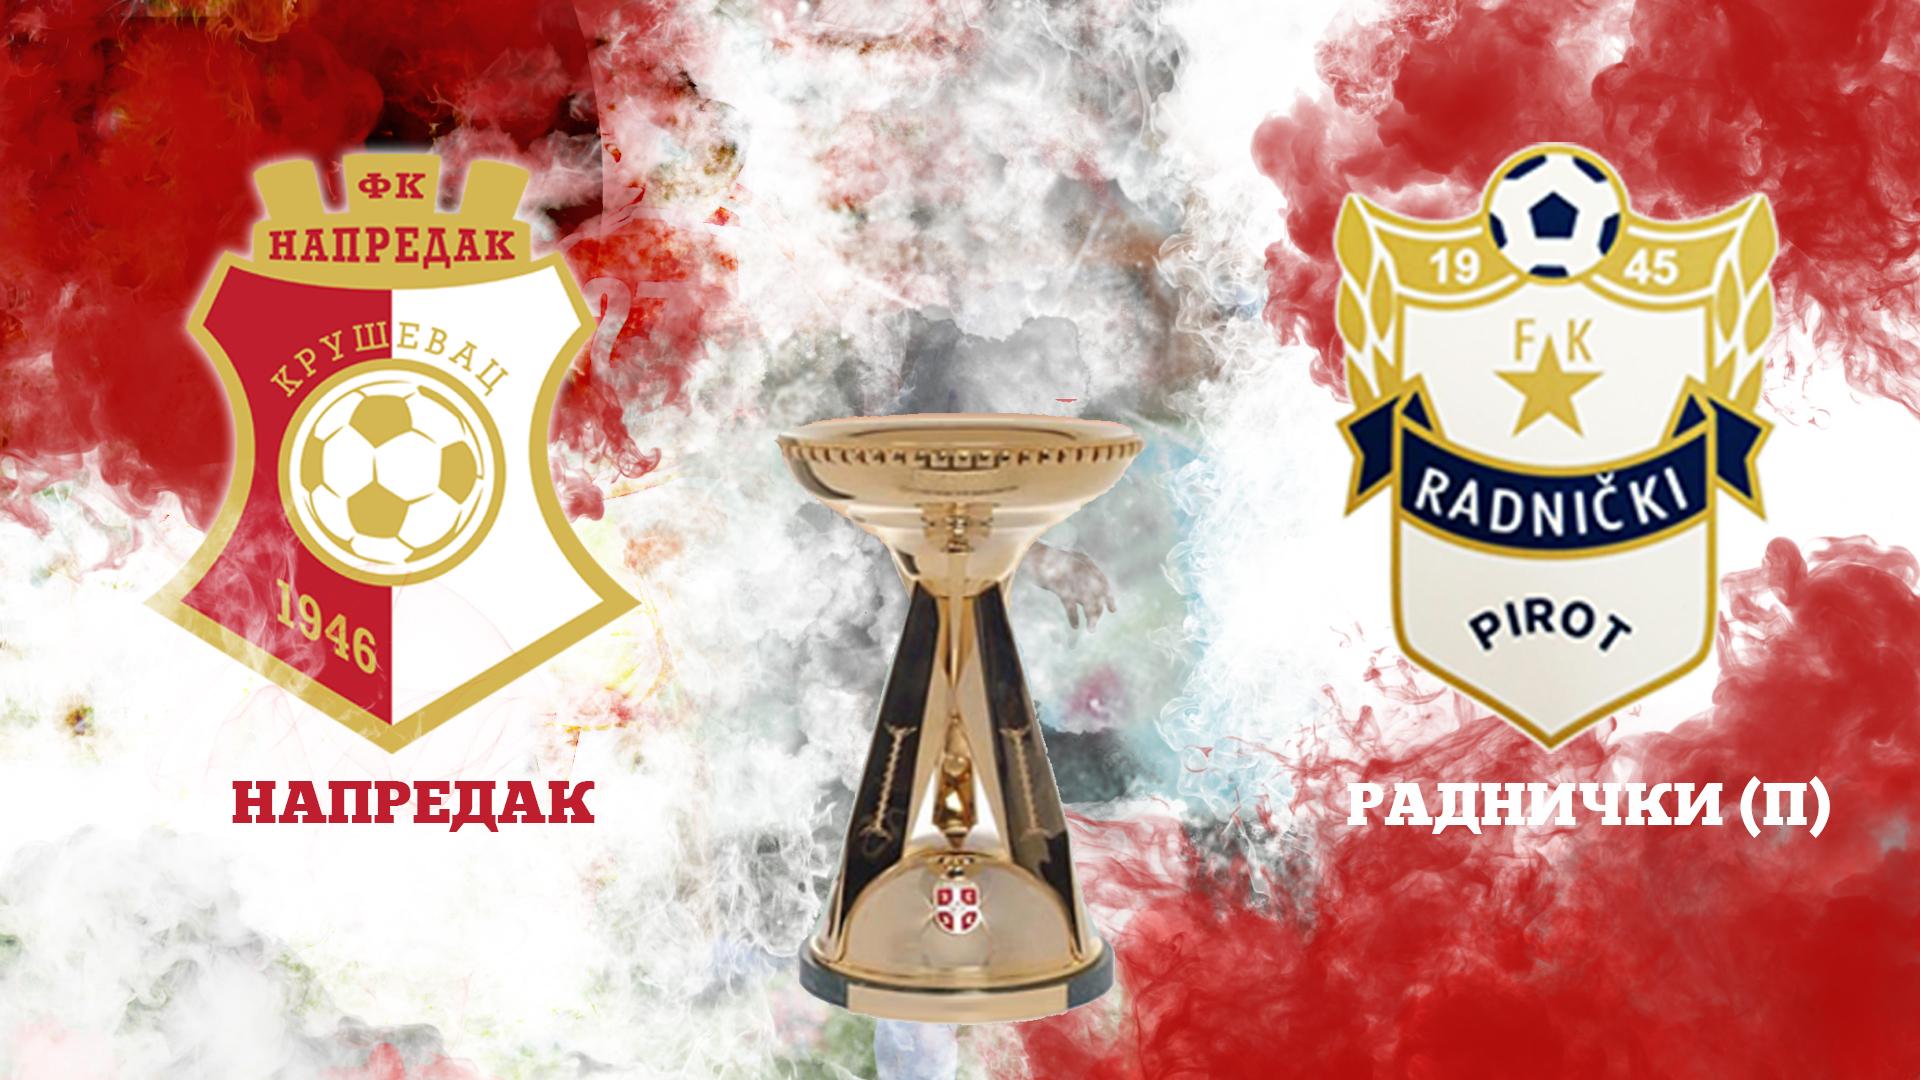 CUP: Napredak F.C - Radnicki (P) F.C 7:2